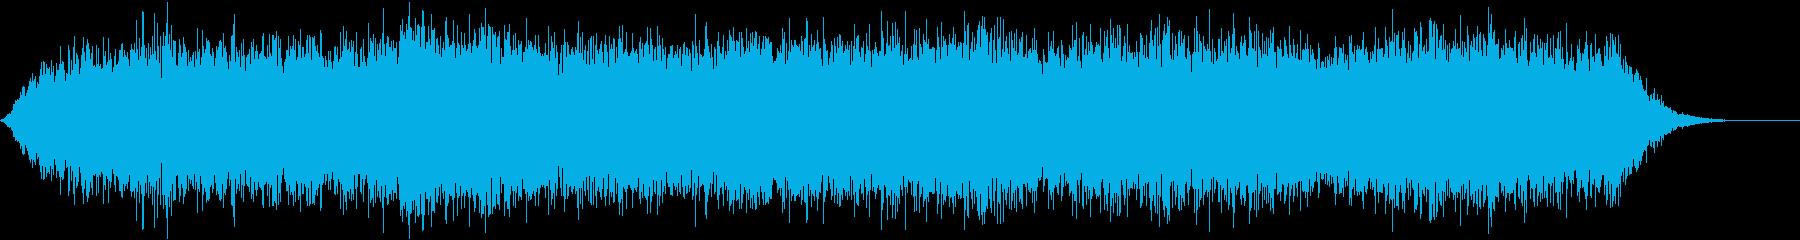 【ダークアンビエント】忘却の再生済みの波形